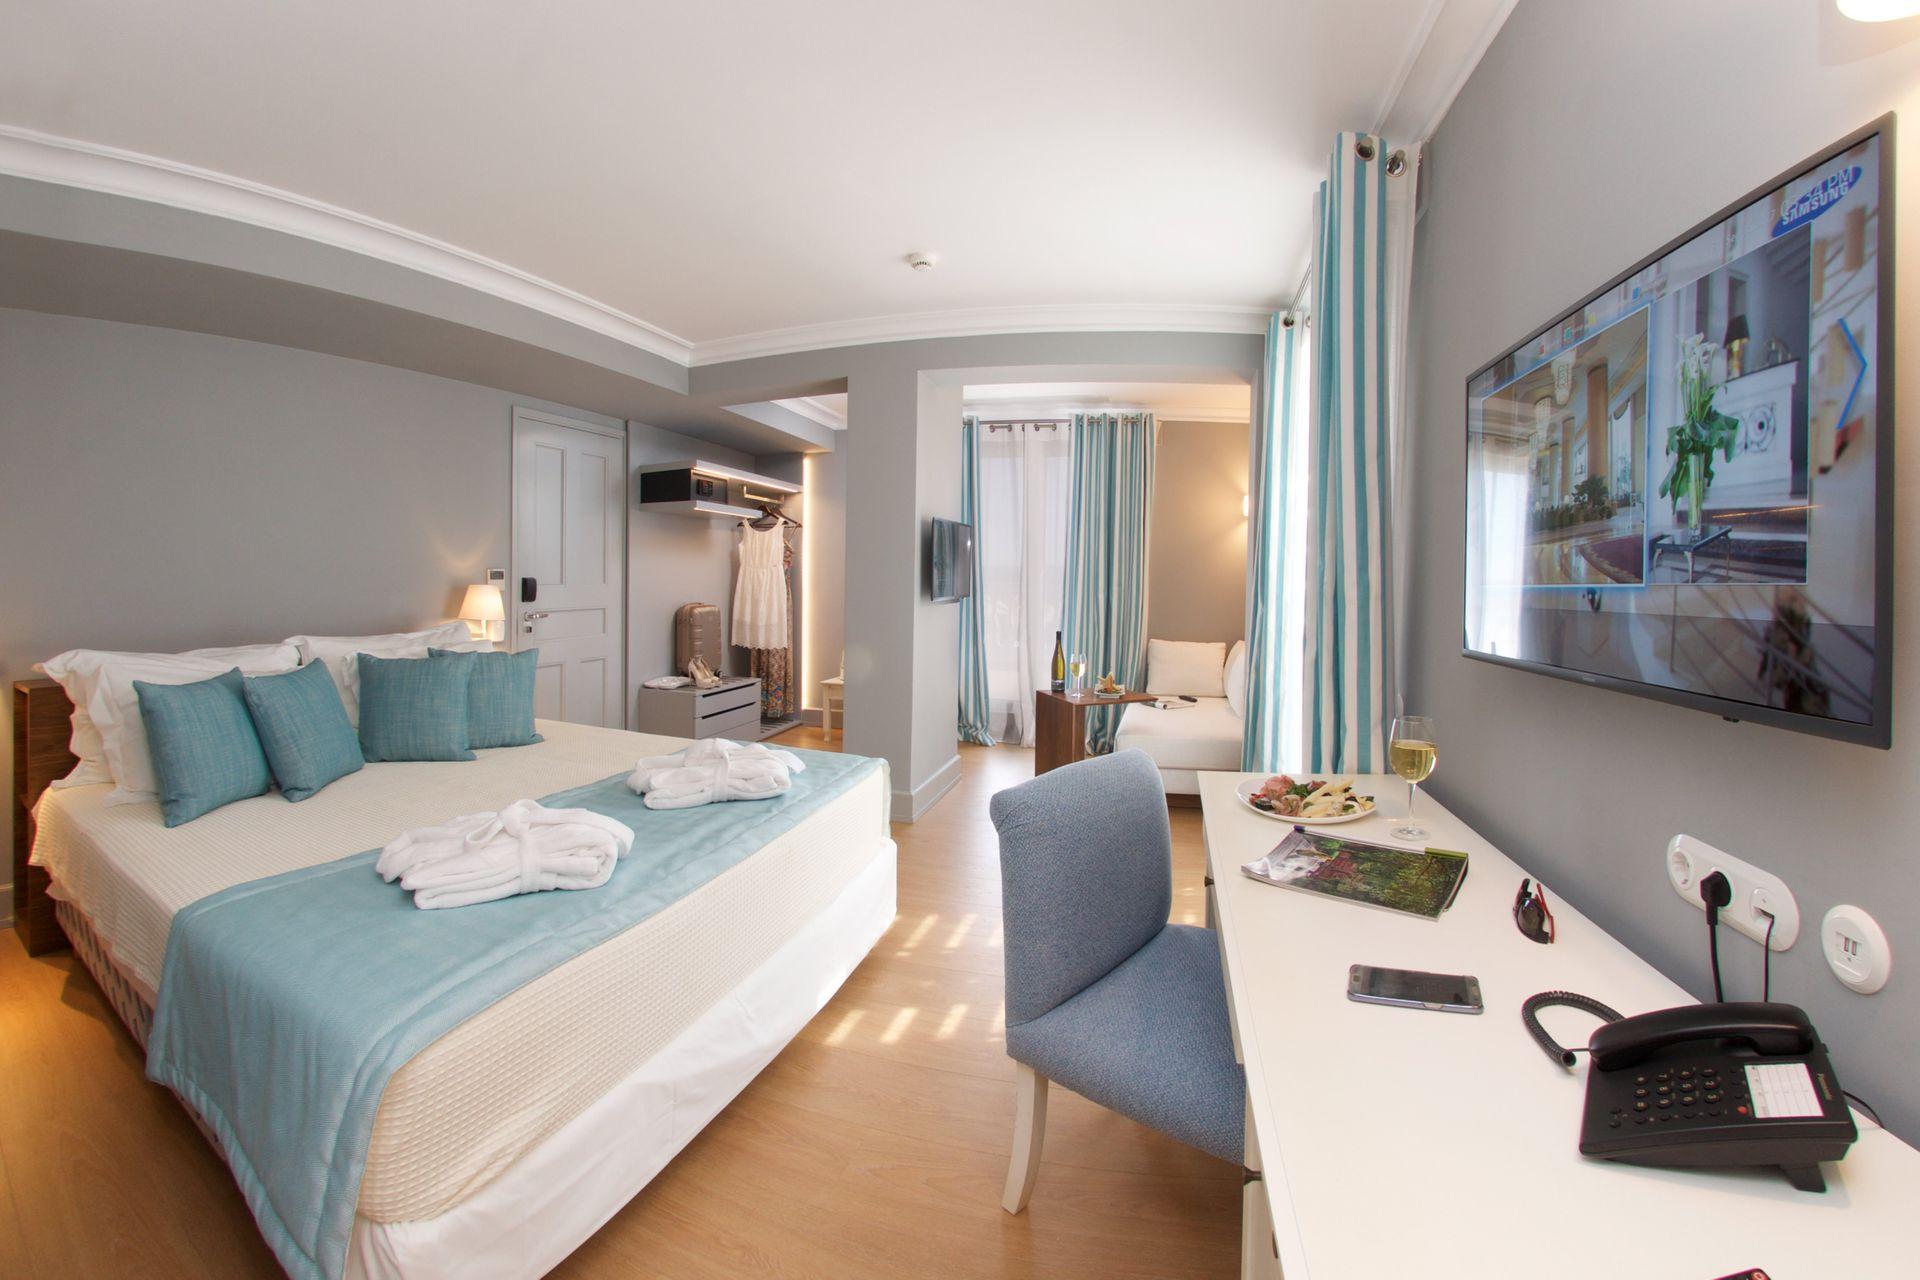 4* Aenos Hotel - Κεφαλονιά ✦ -40% ✦ 2 Ημέρες (1 Διανυκτέρευση)